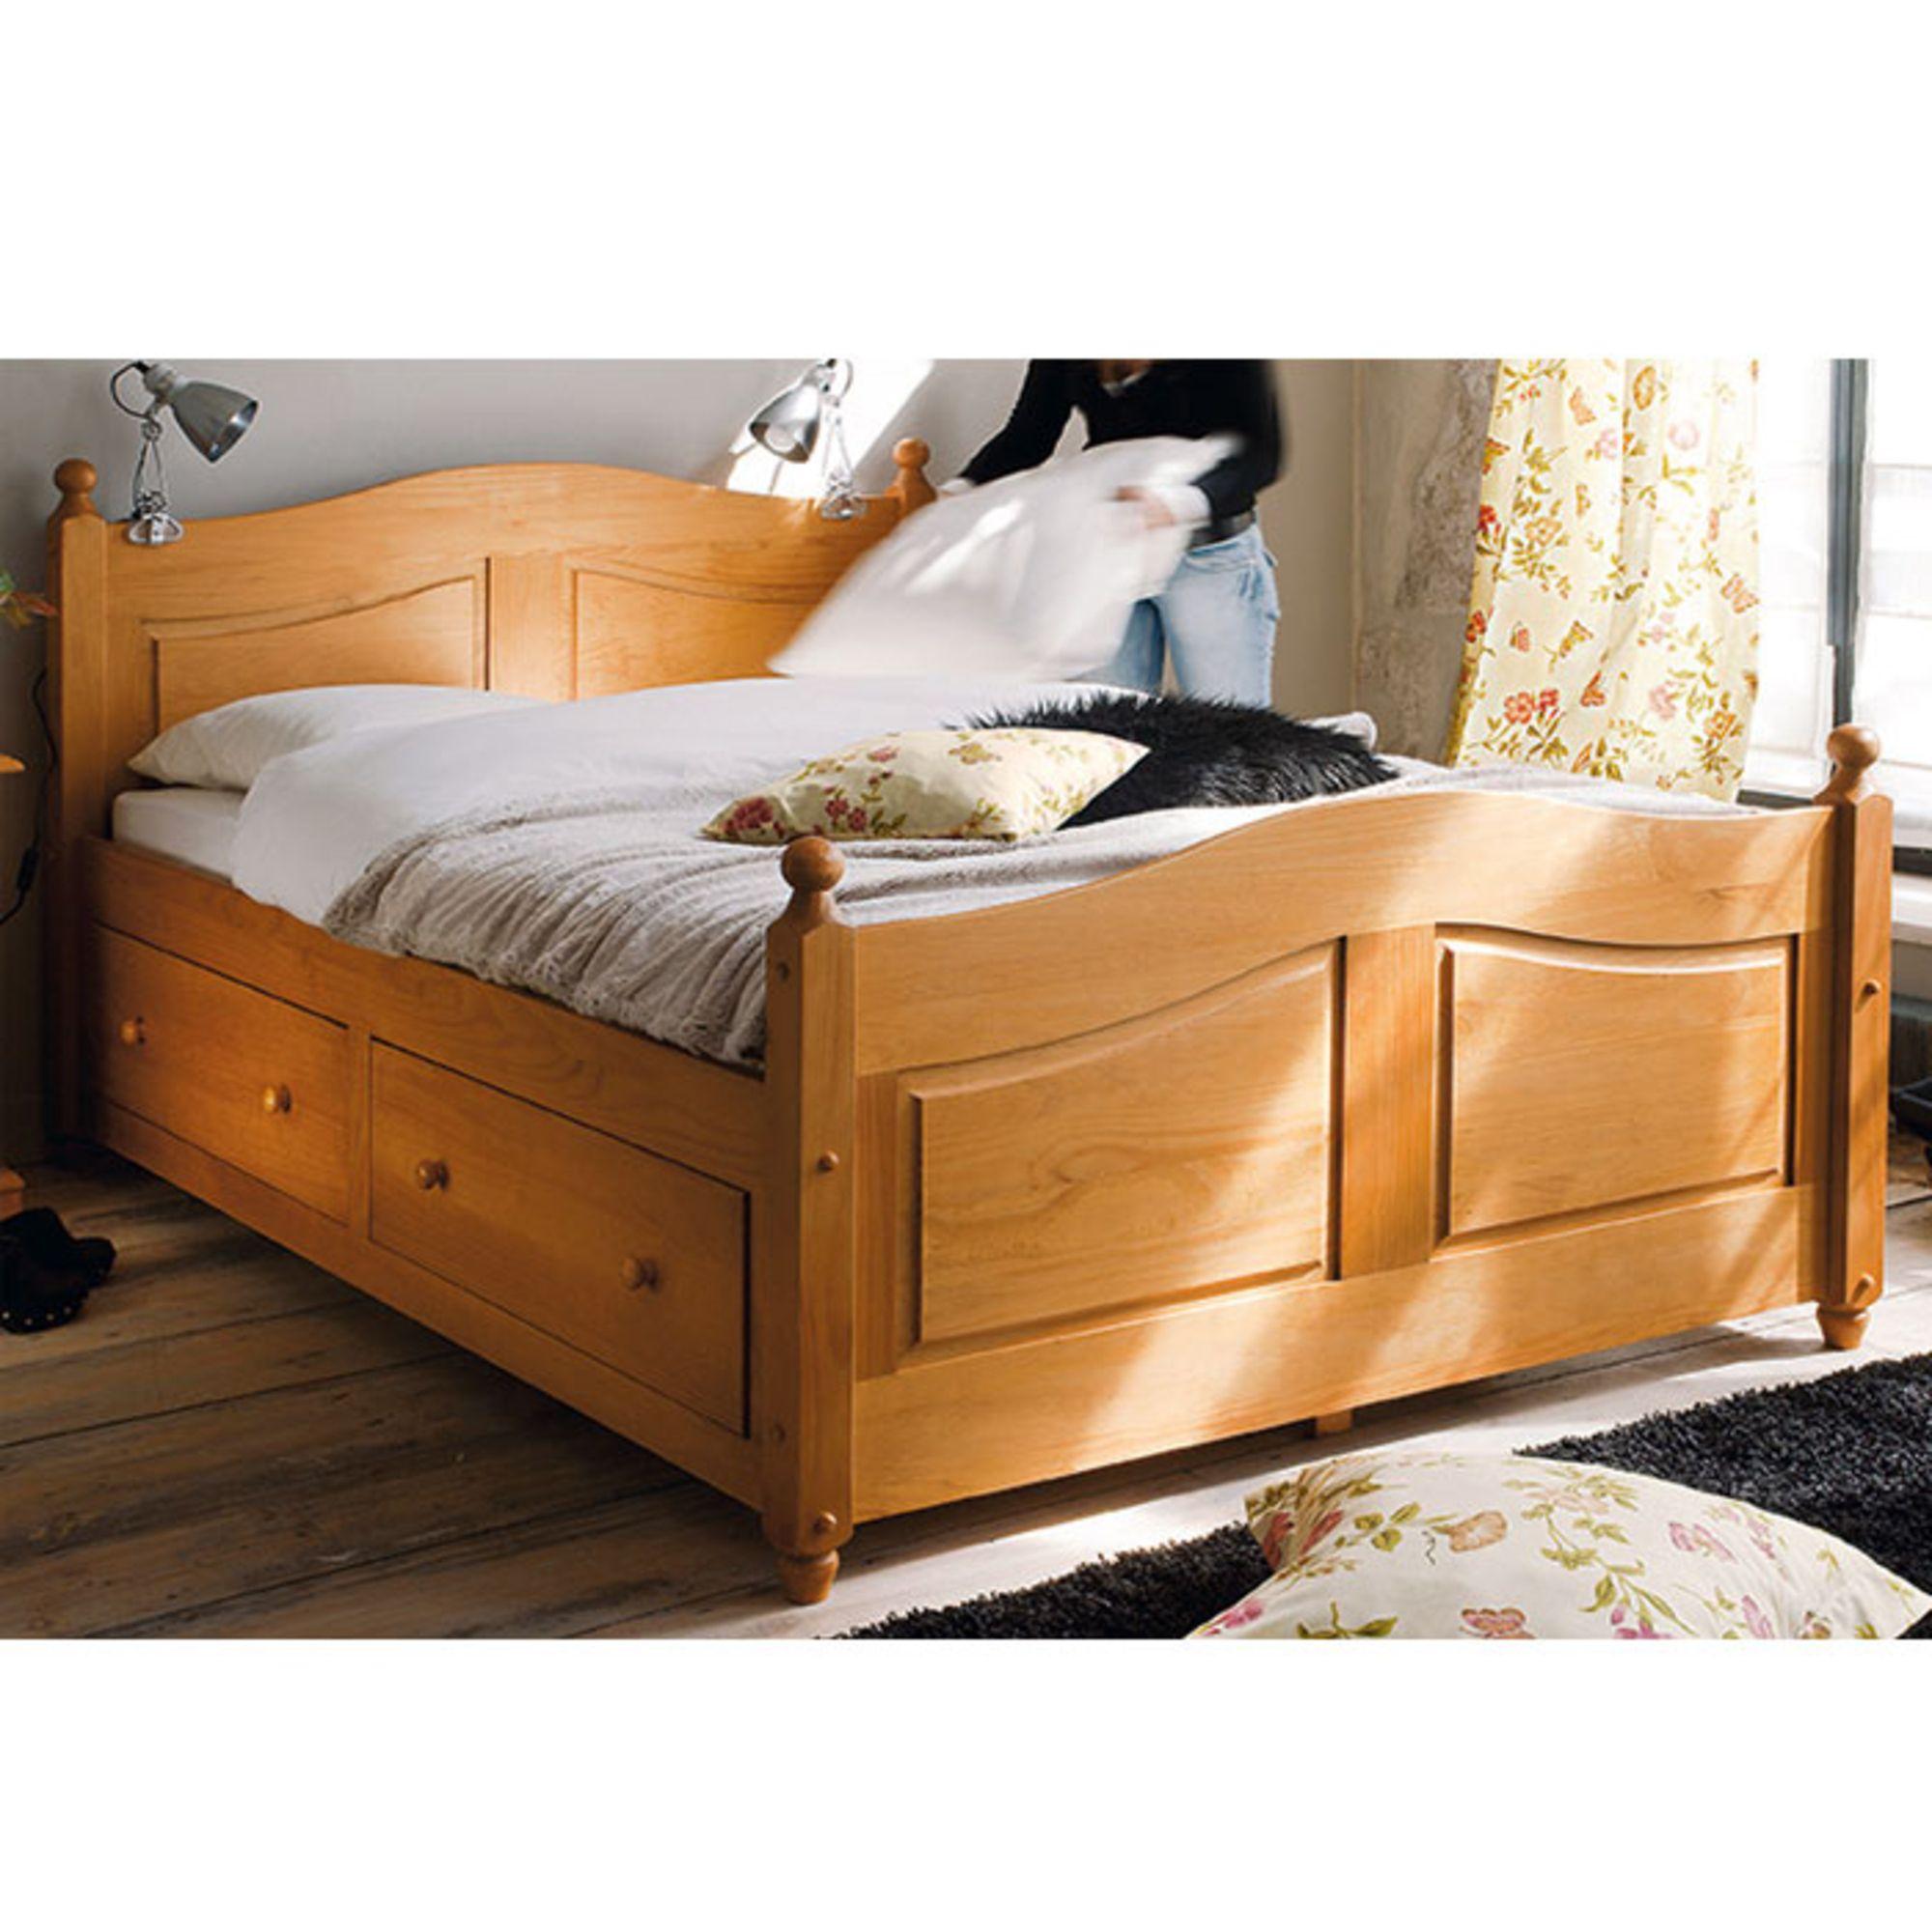 lit adulte lit enfant lit 160 x 200 cm tiroirs norman miel la maison de valrie - Lit 160x200